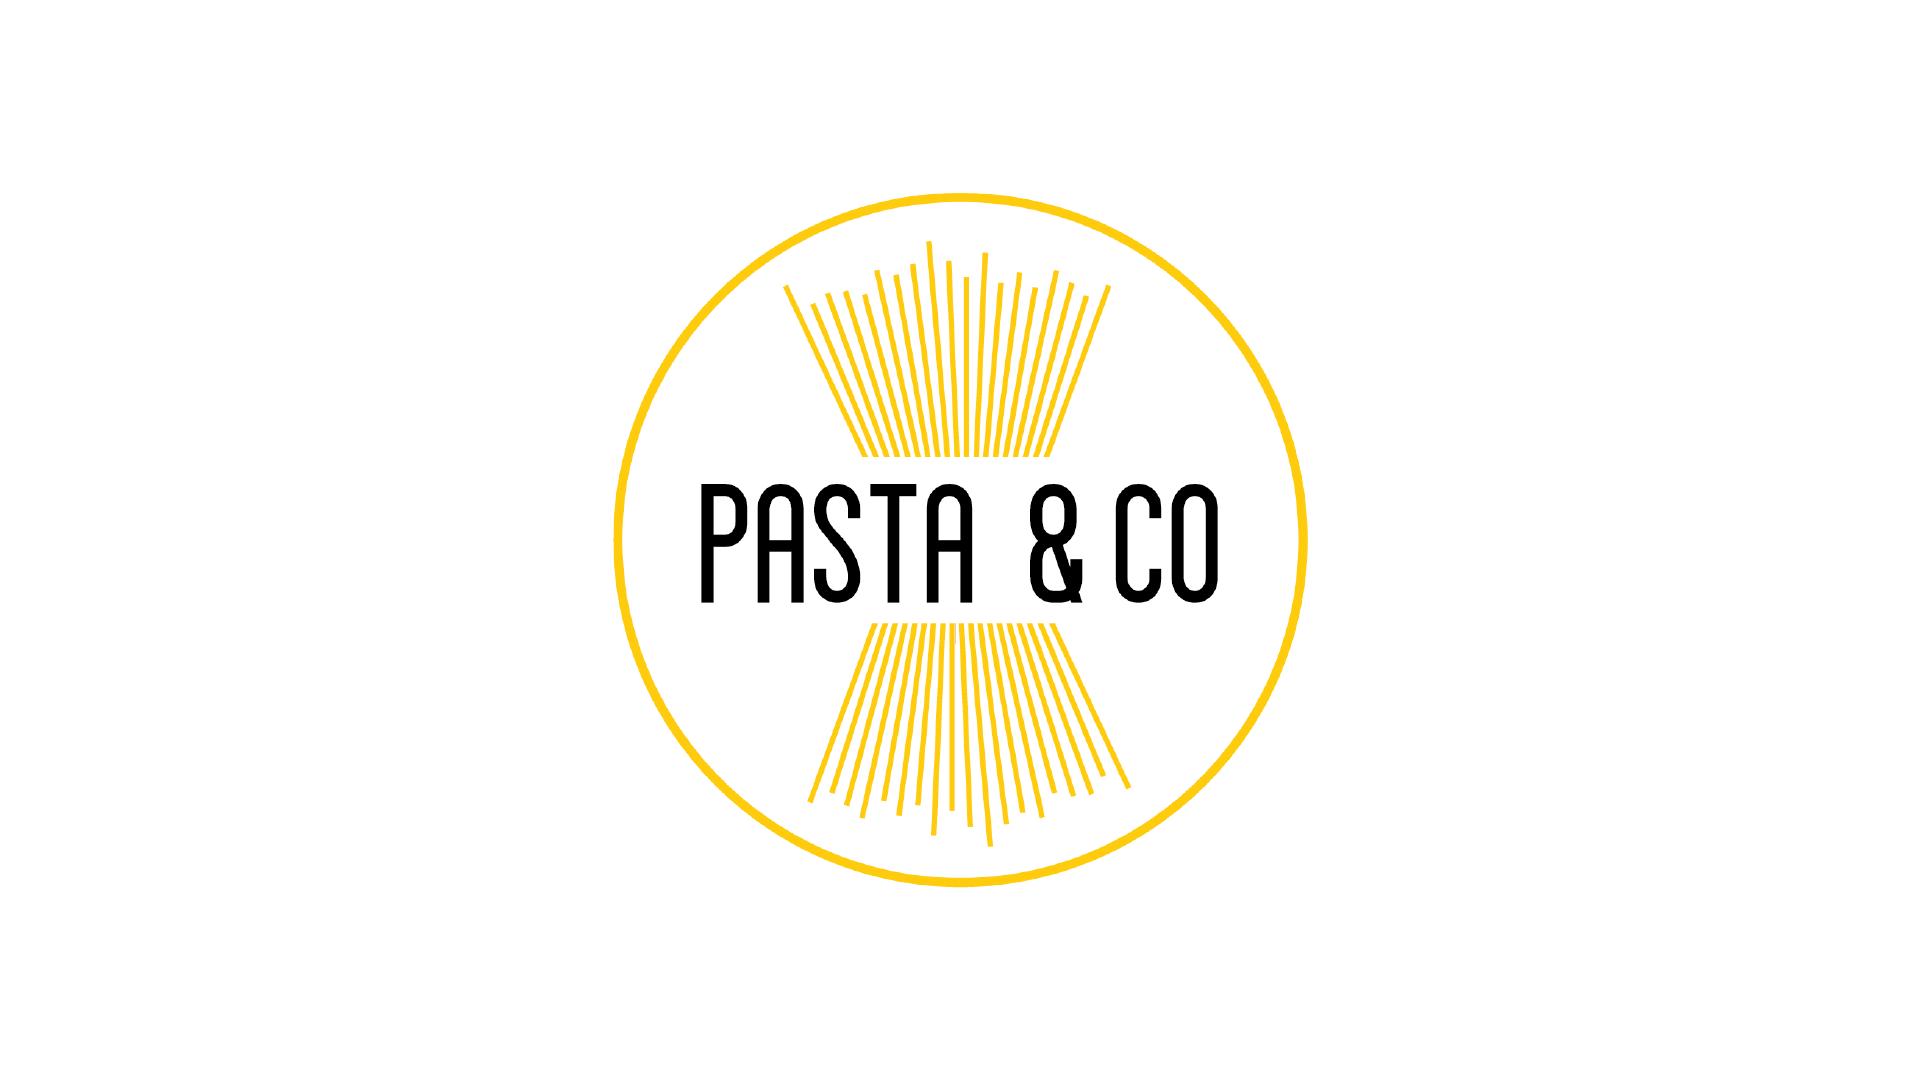 Pasta Co